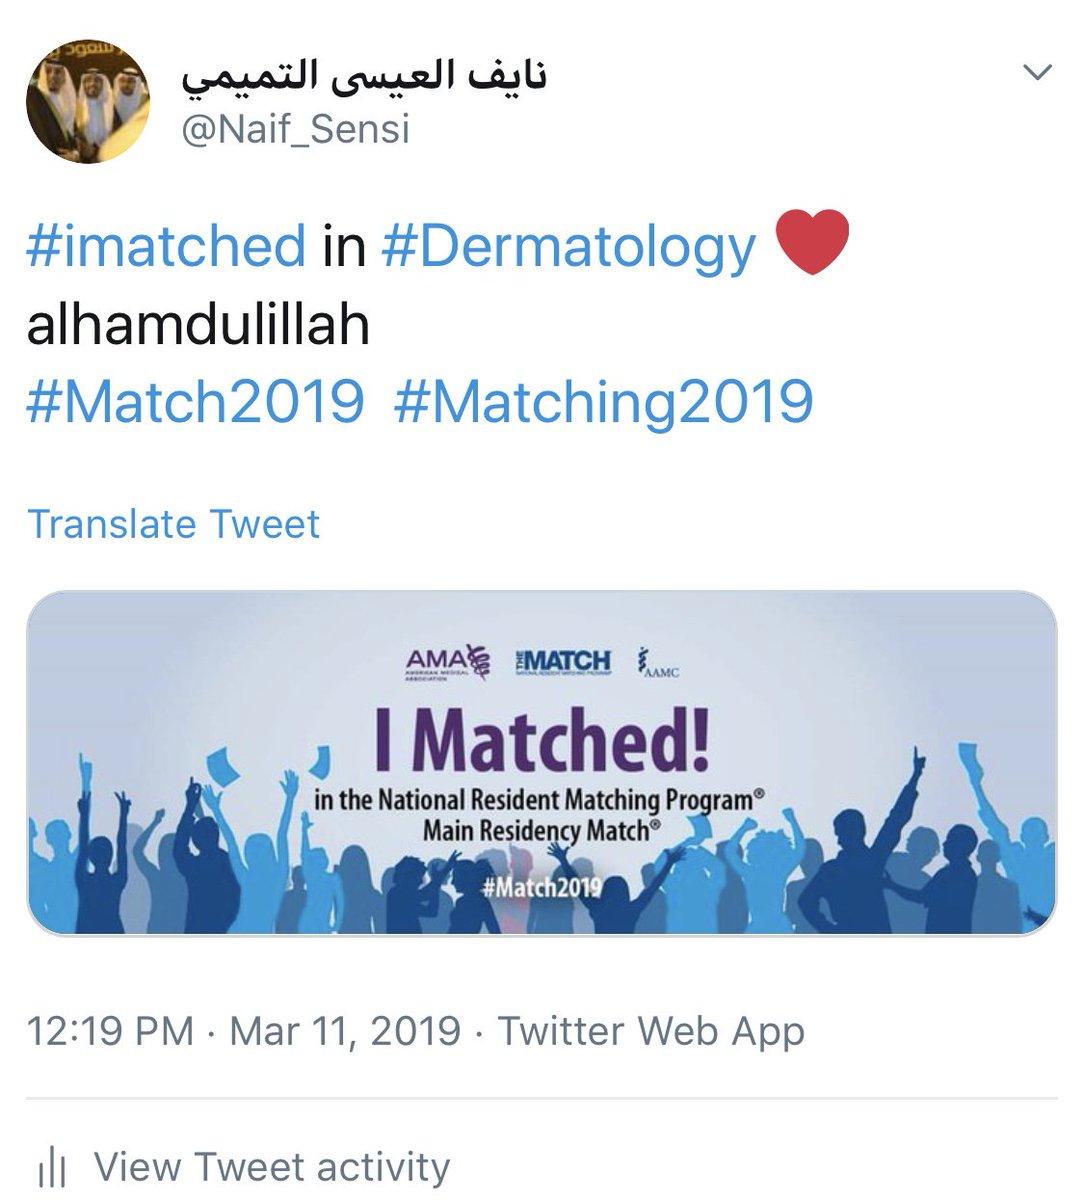 عمر اليماني Omar on Twitter: